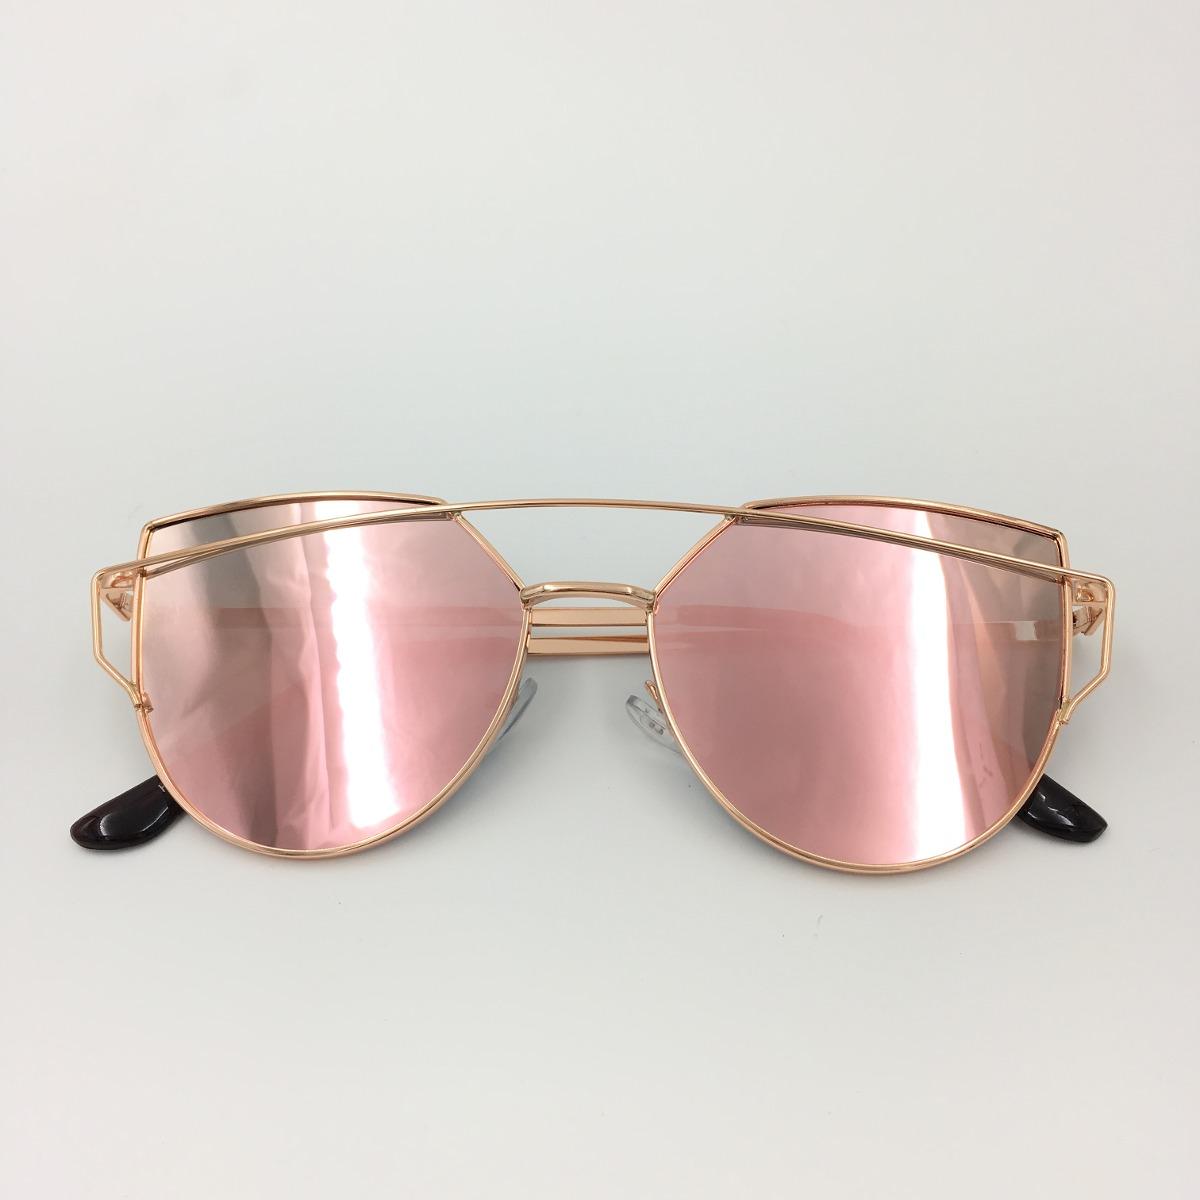 301acbfcd óculos espelhado feminino olho de gato gatinho metal redondo. Carregando  zoom.